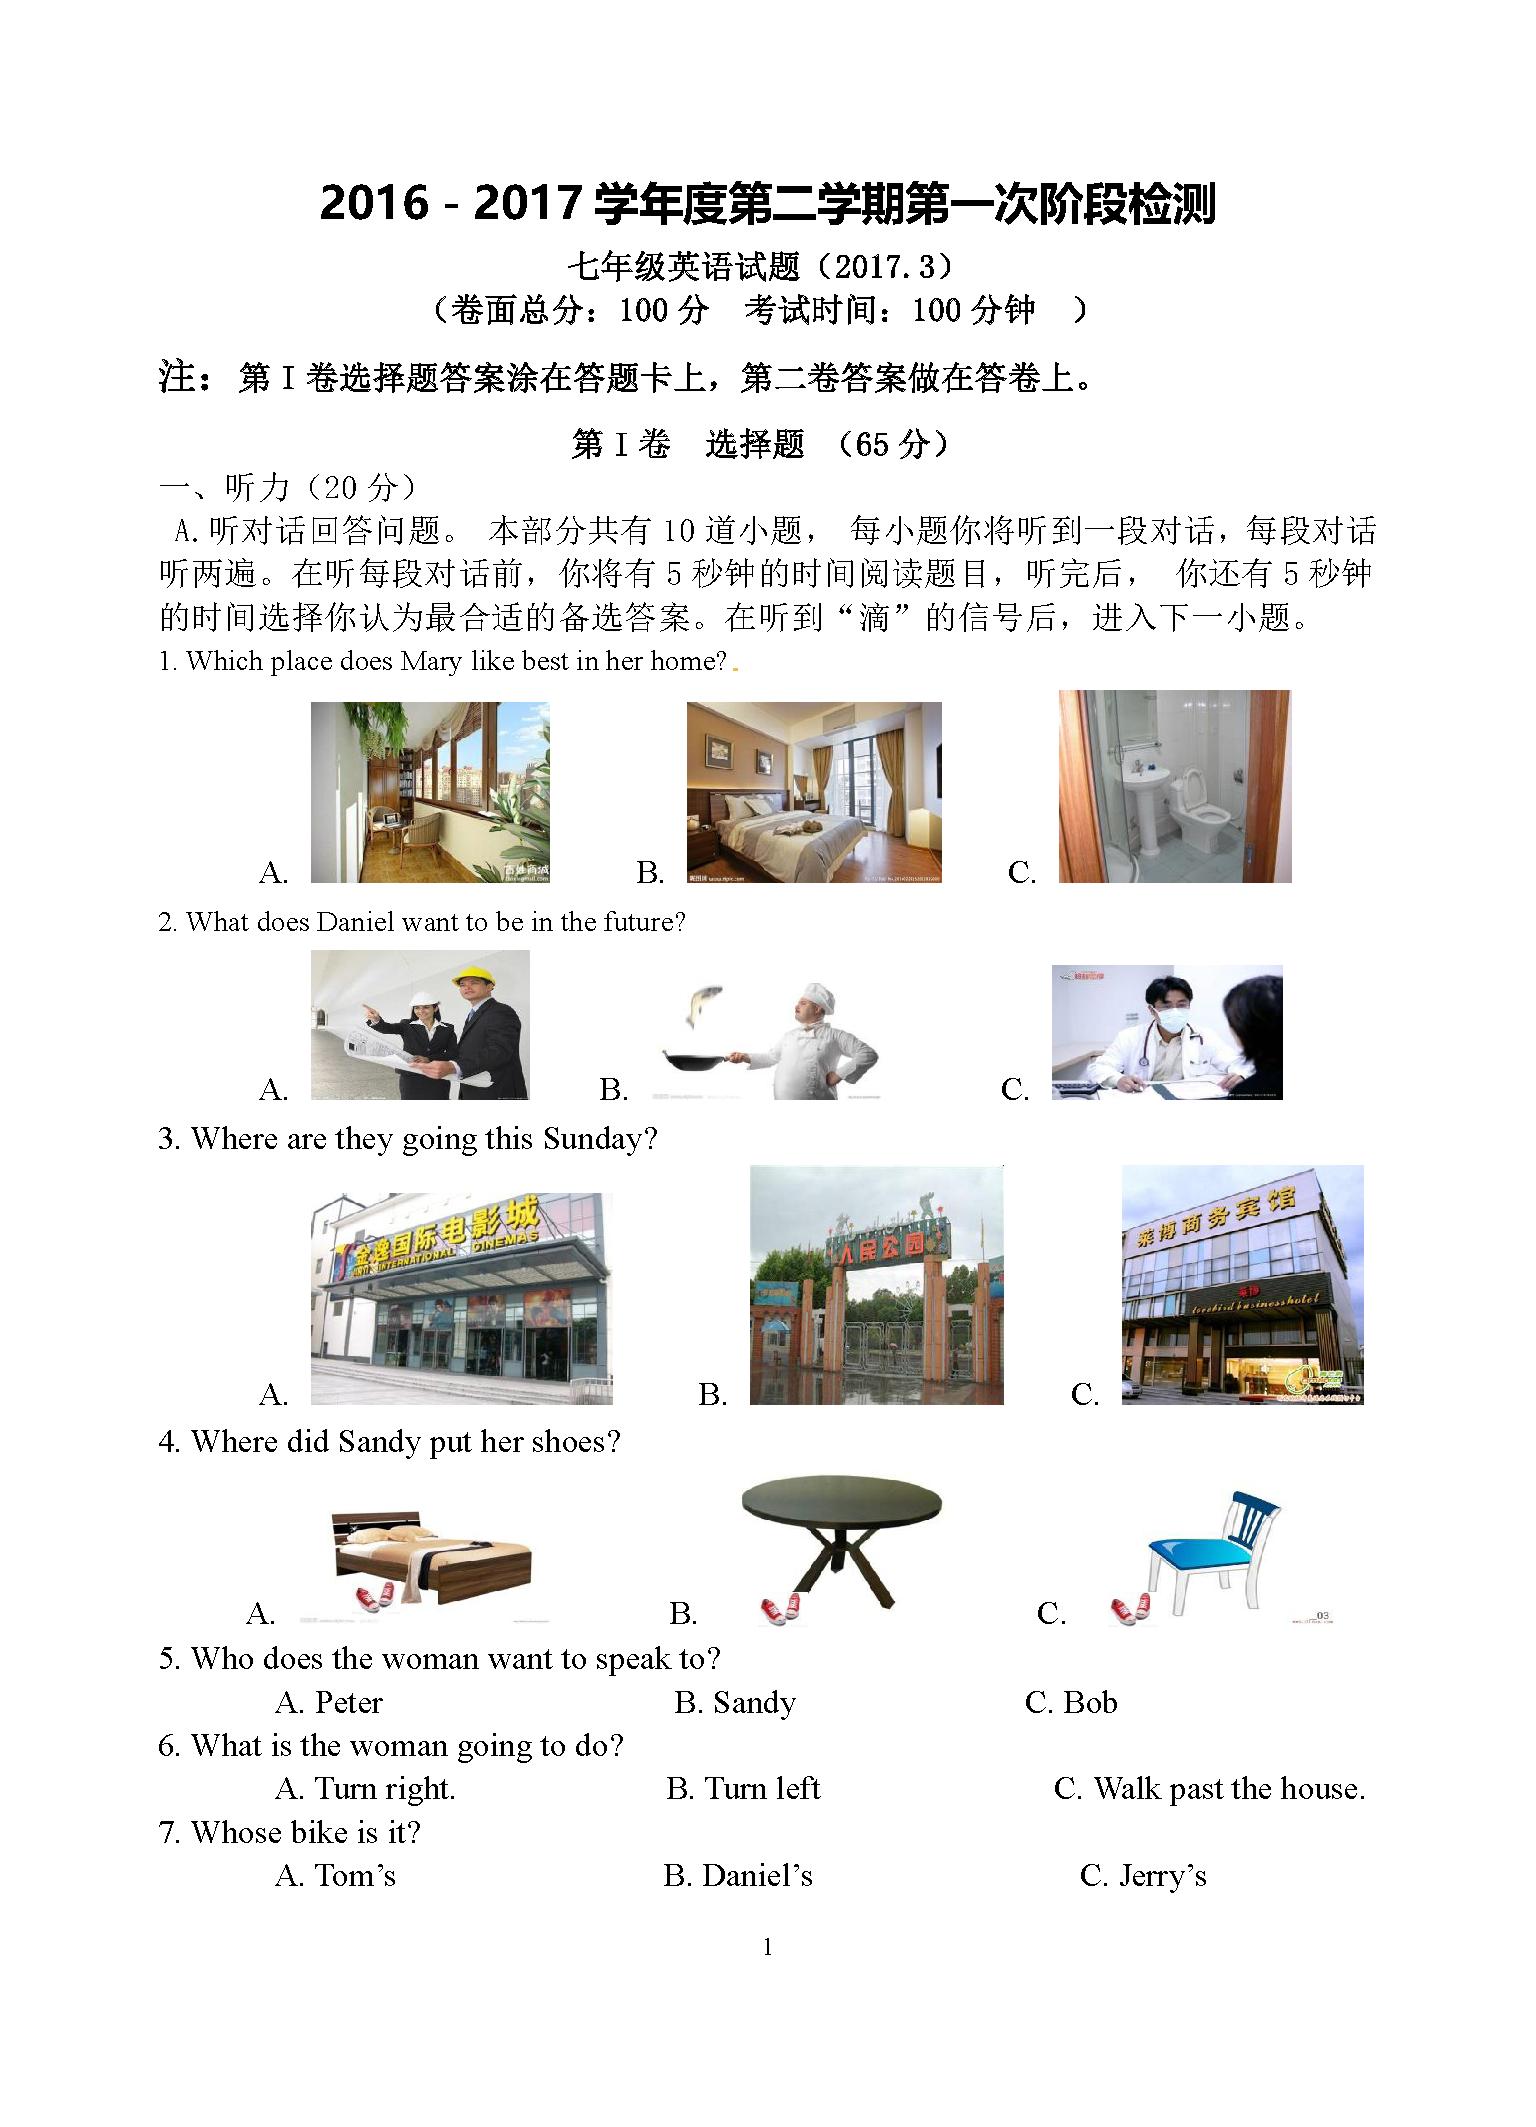 2017年江苏张家港第三中学7年级下英语1-3单元月考试卷(Word版)